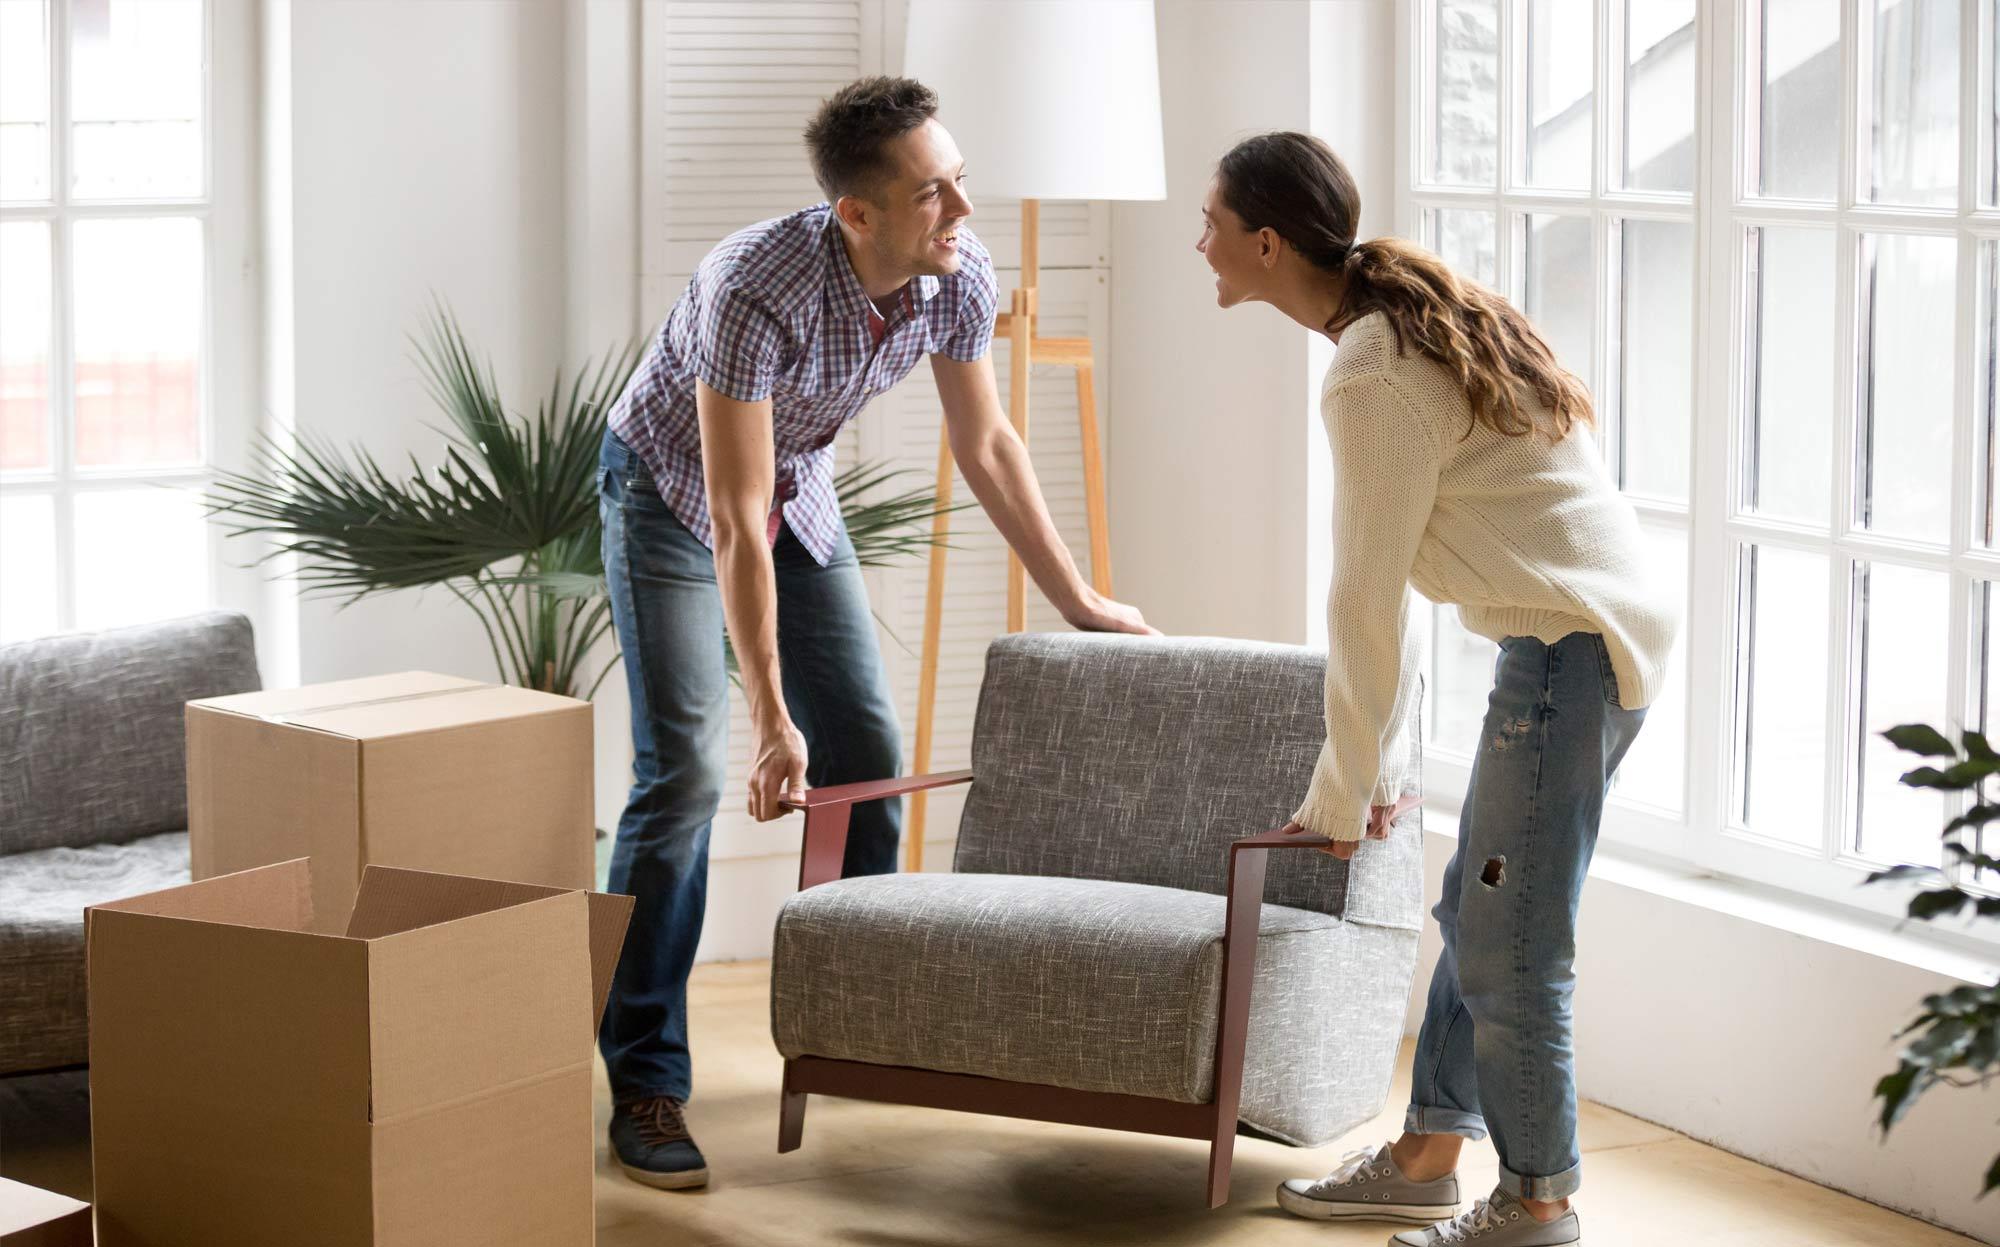 Regalar muebles, regalos para quedar bien siempre